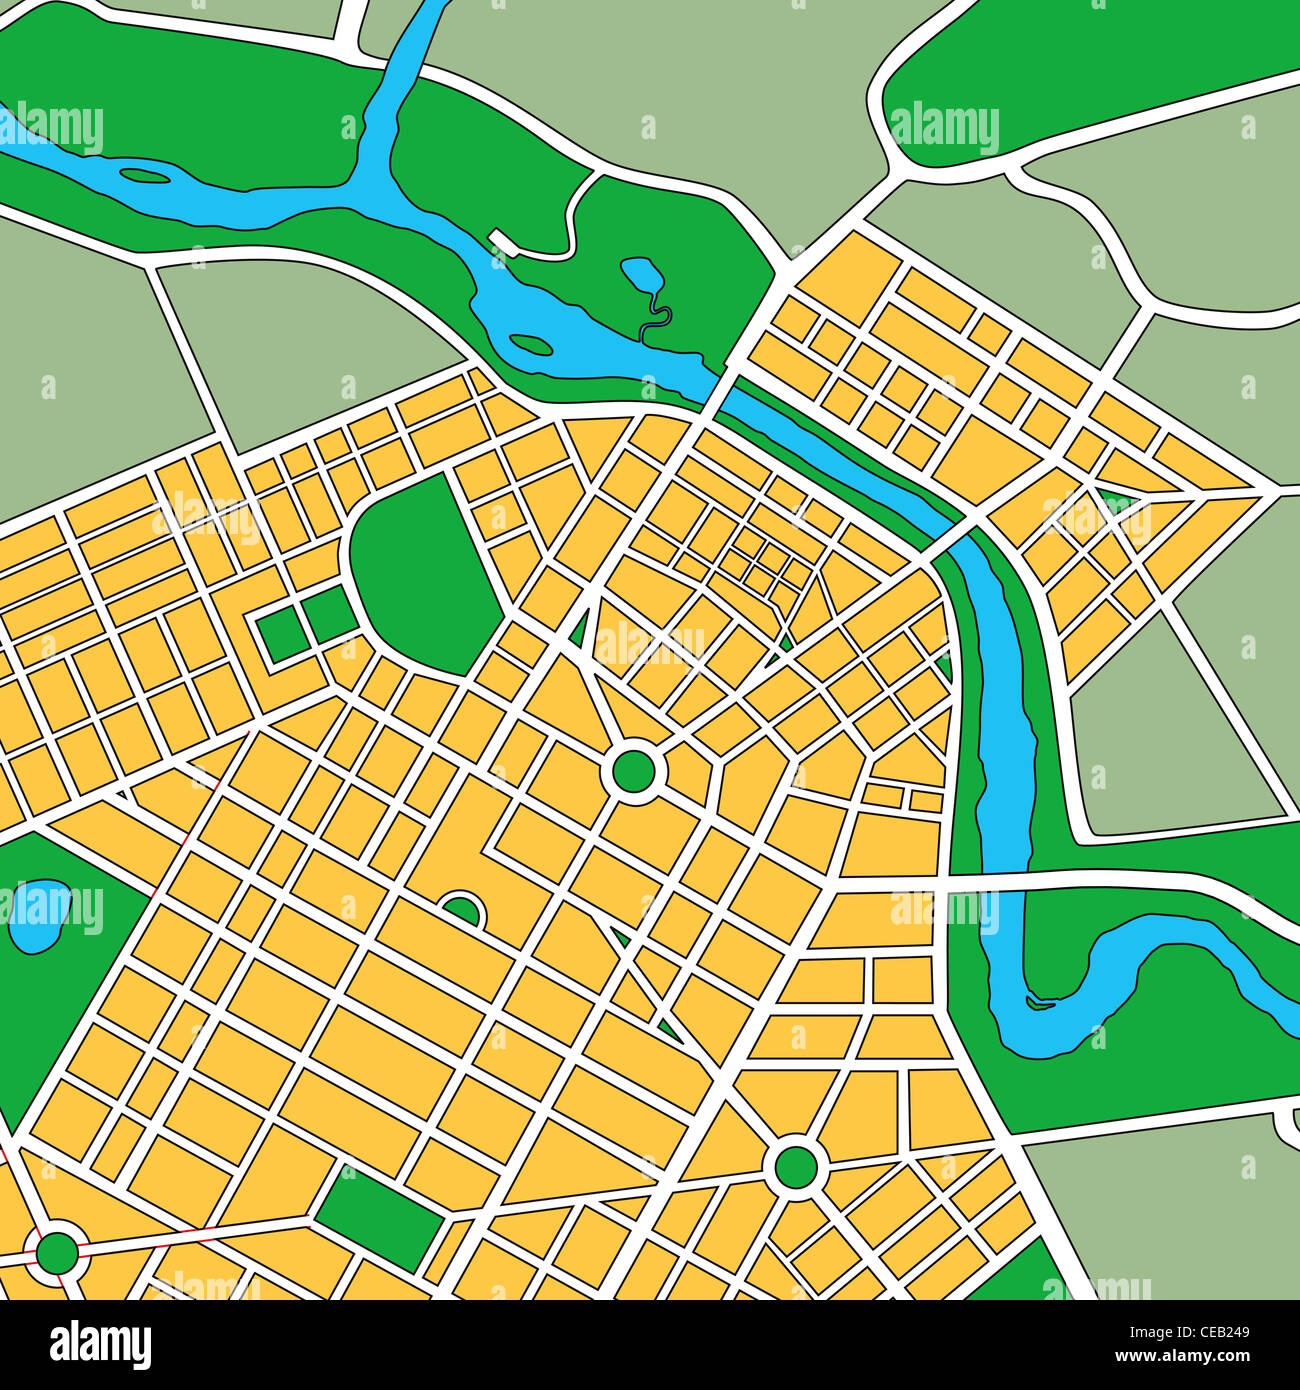 La carte ou le plan de ville urbain générique montrant les rues et les parcs Photo Stock